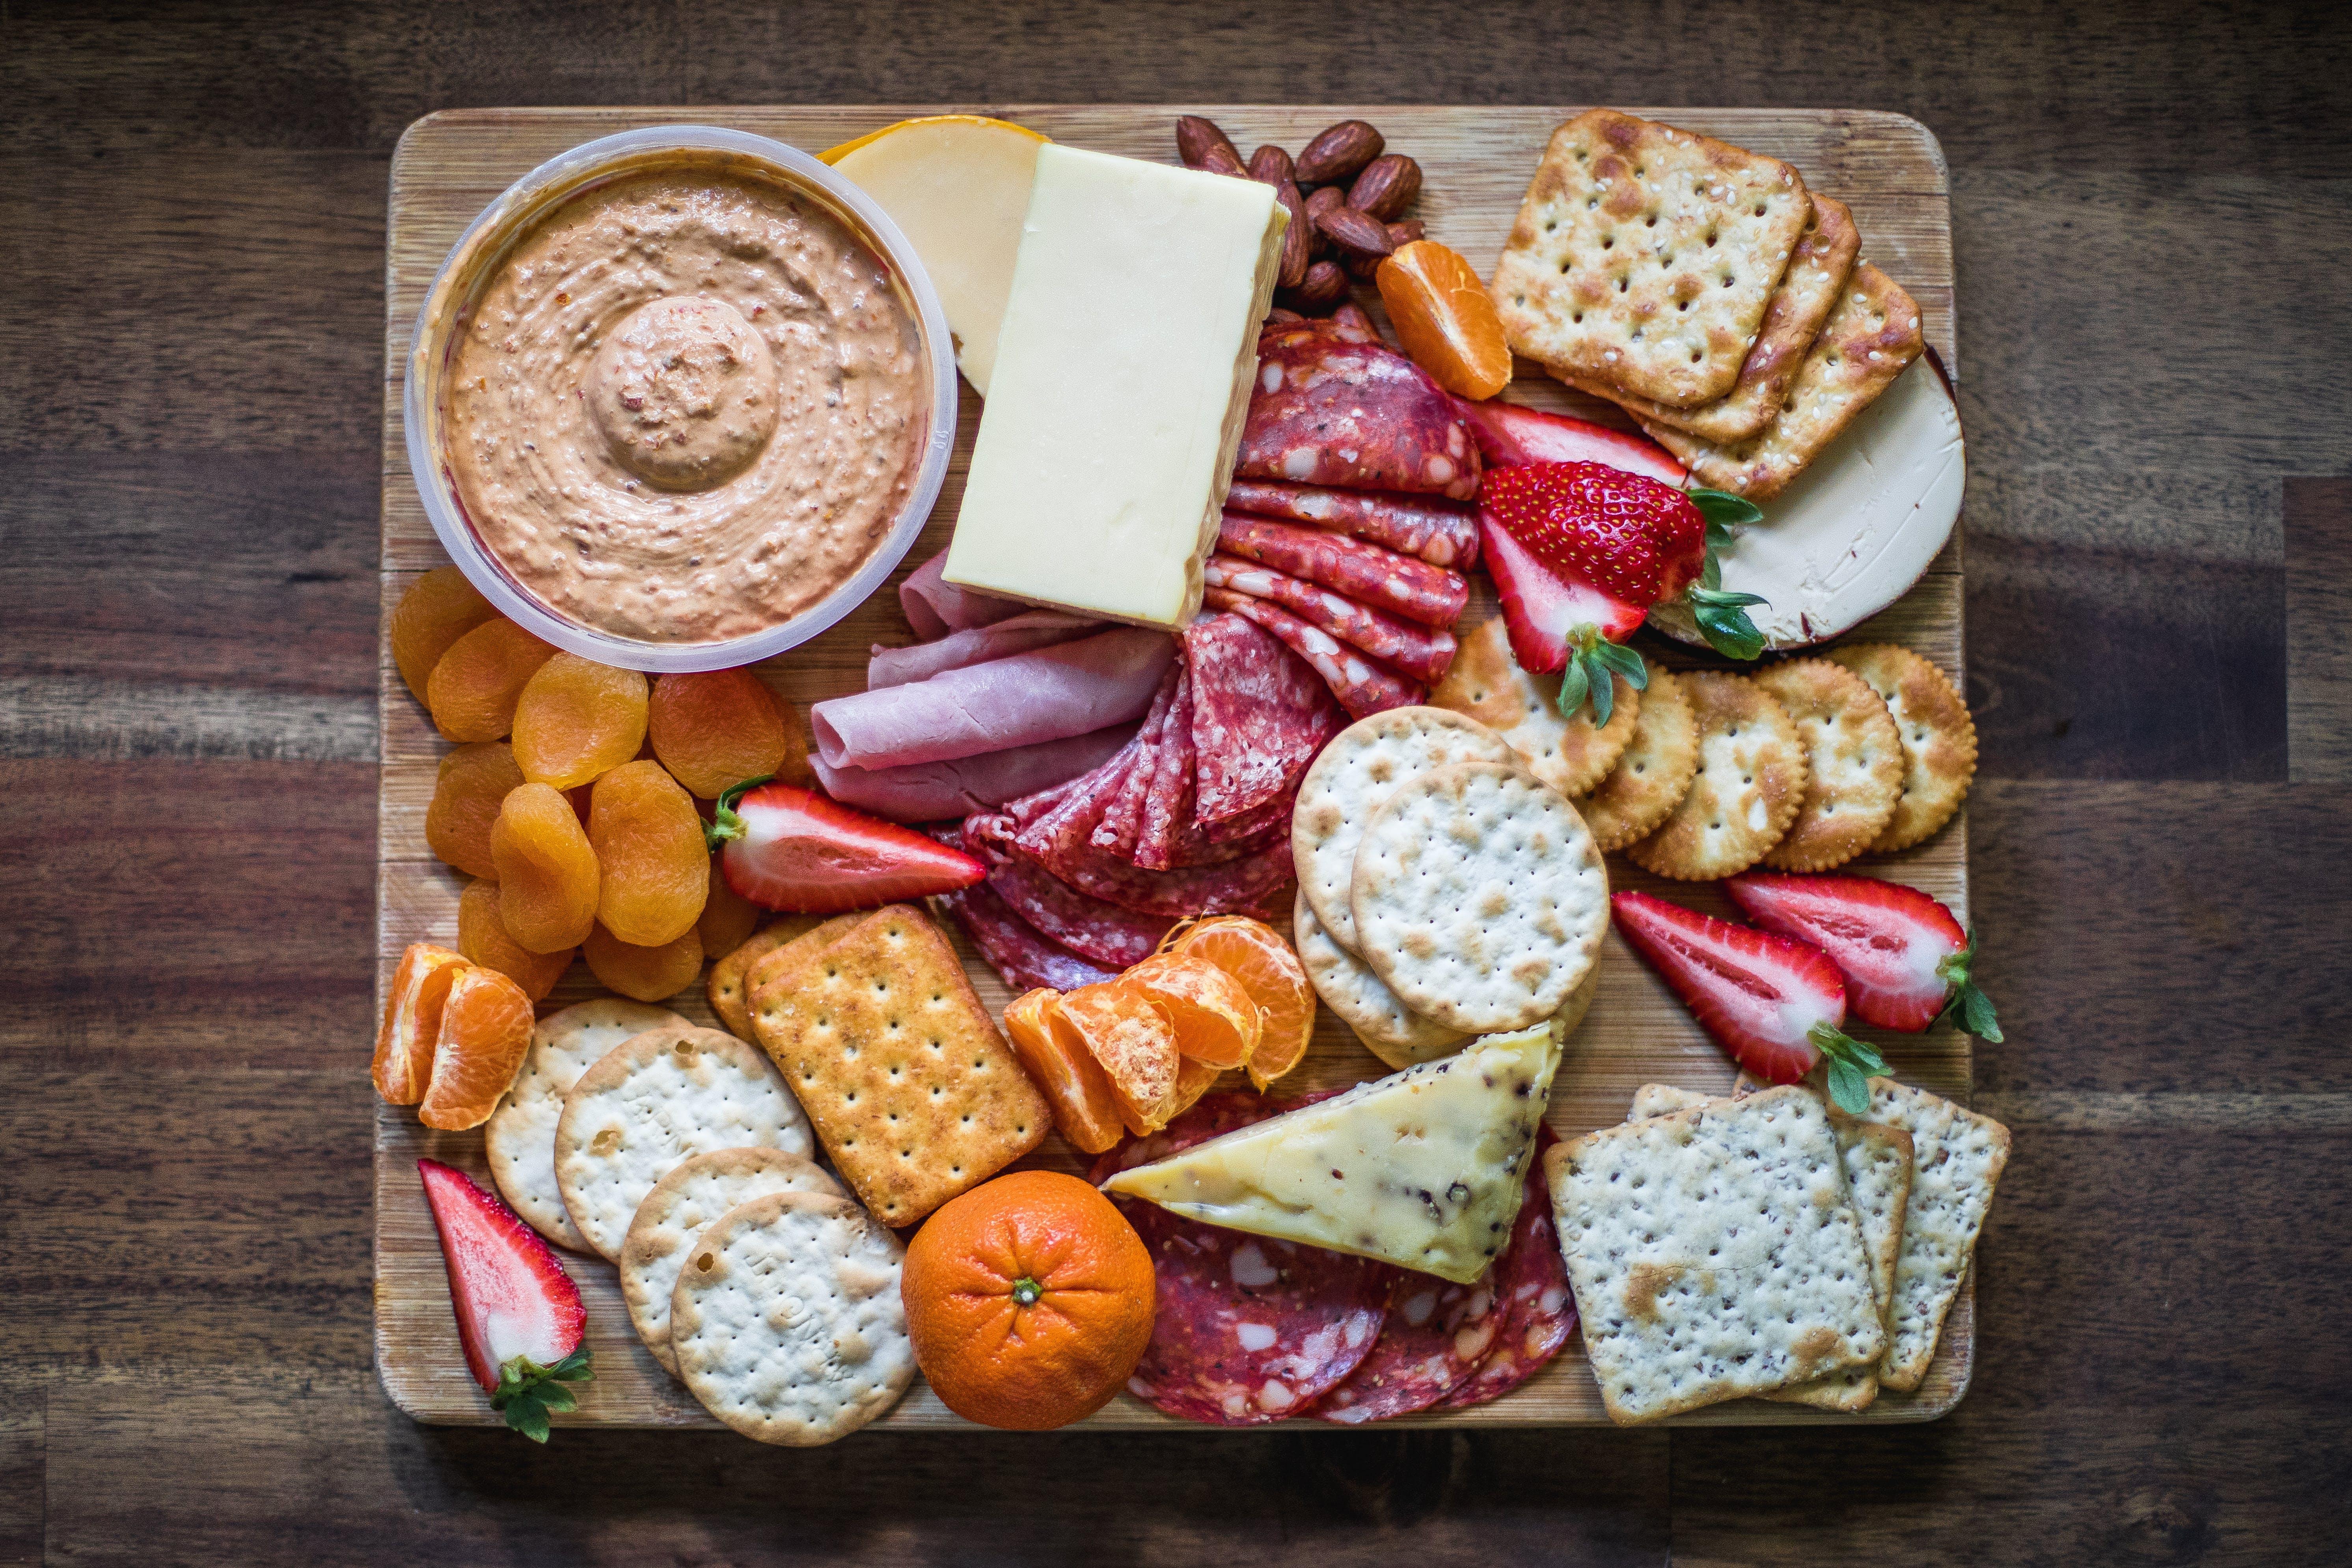 Gratis stockfoto met eten, heerlijk, kaas, lekkernijen